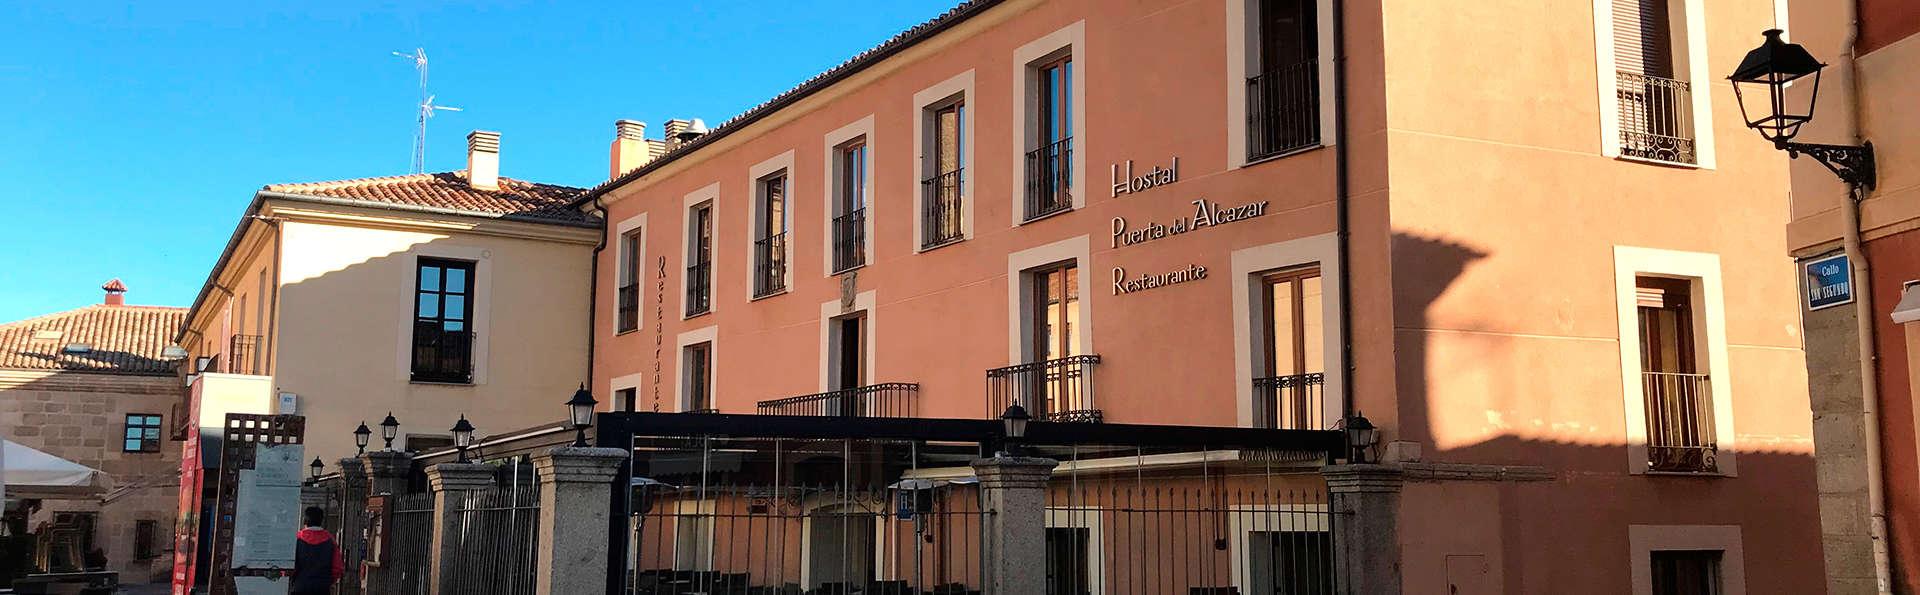 Hostal Restaurante Puerta del Alcázar - EDIT_front.jpg